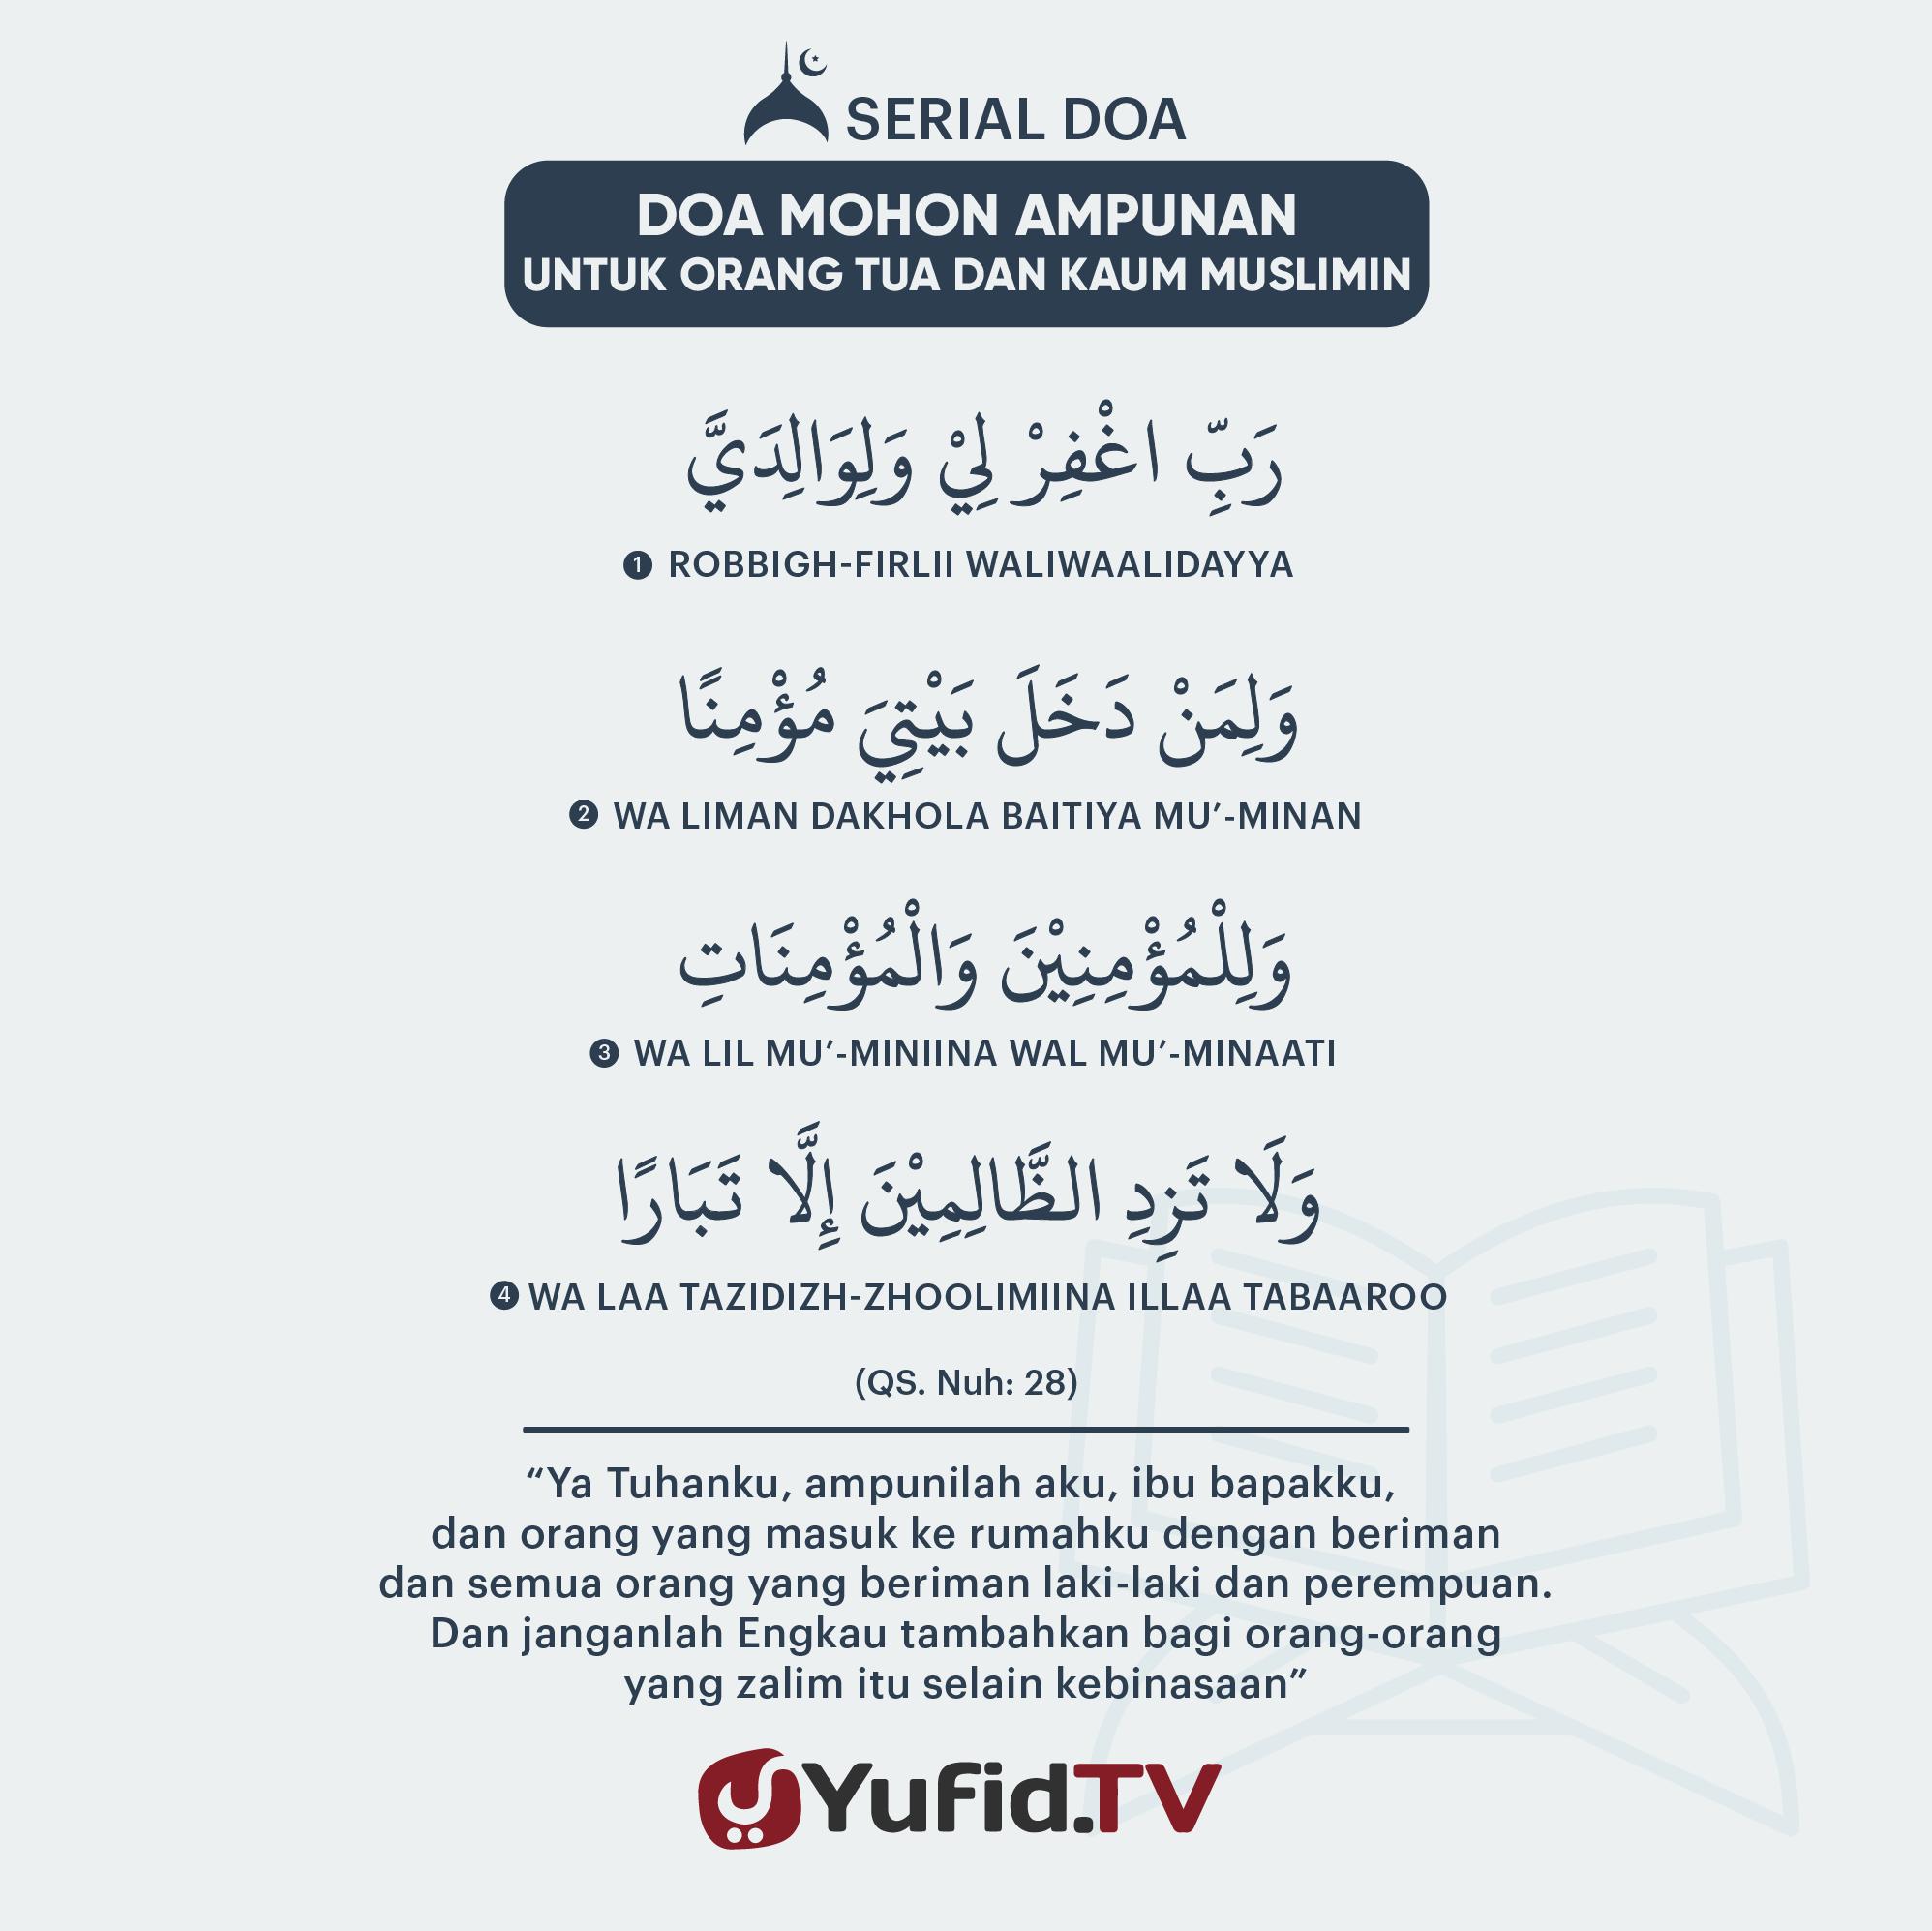 Ensiklopedia Islam Doa Mohon Ampunan Untuk Orang Tua Dan